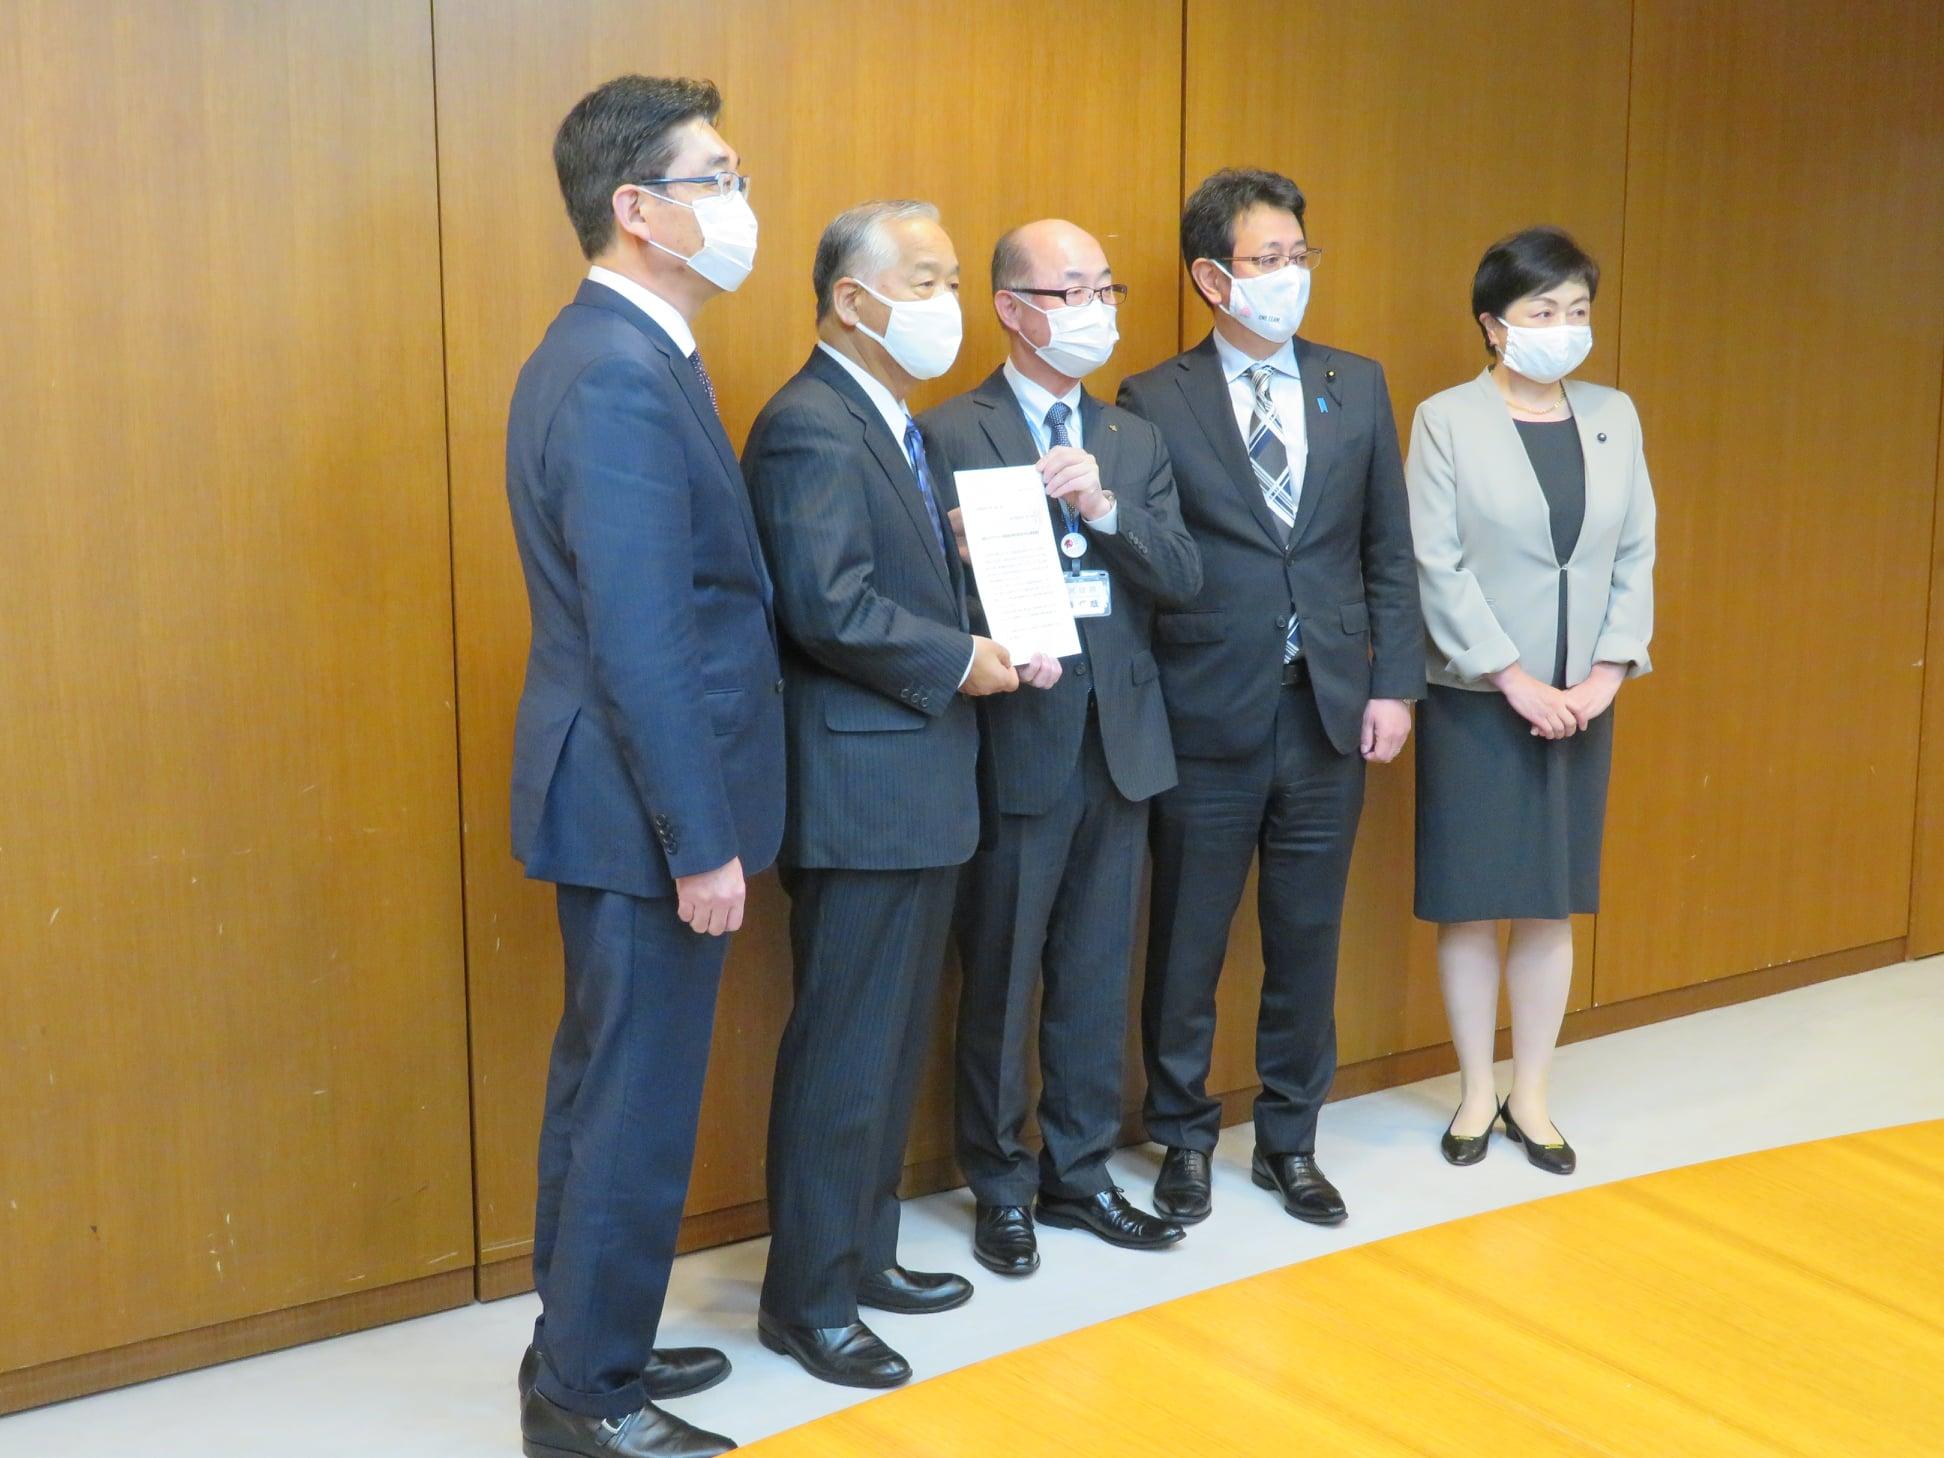 令和3年4月6日 宮城県知事に新型コロナウイルス感染症対策の拡充を求める緊急要望をいたしました。